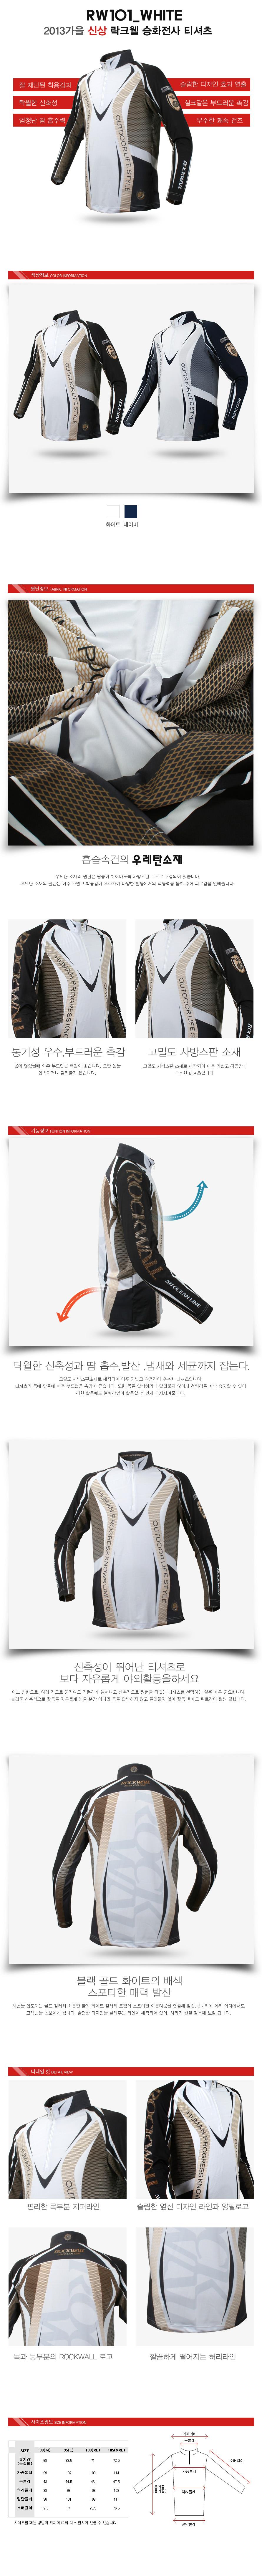 락크웰 승화전사 티셔츠 (R101) (MADE IN KOREA) 여름티셔츠 낚시티셔츠